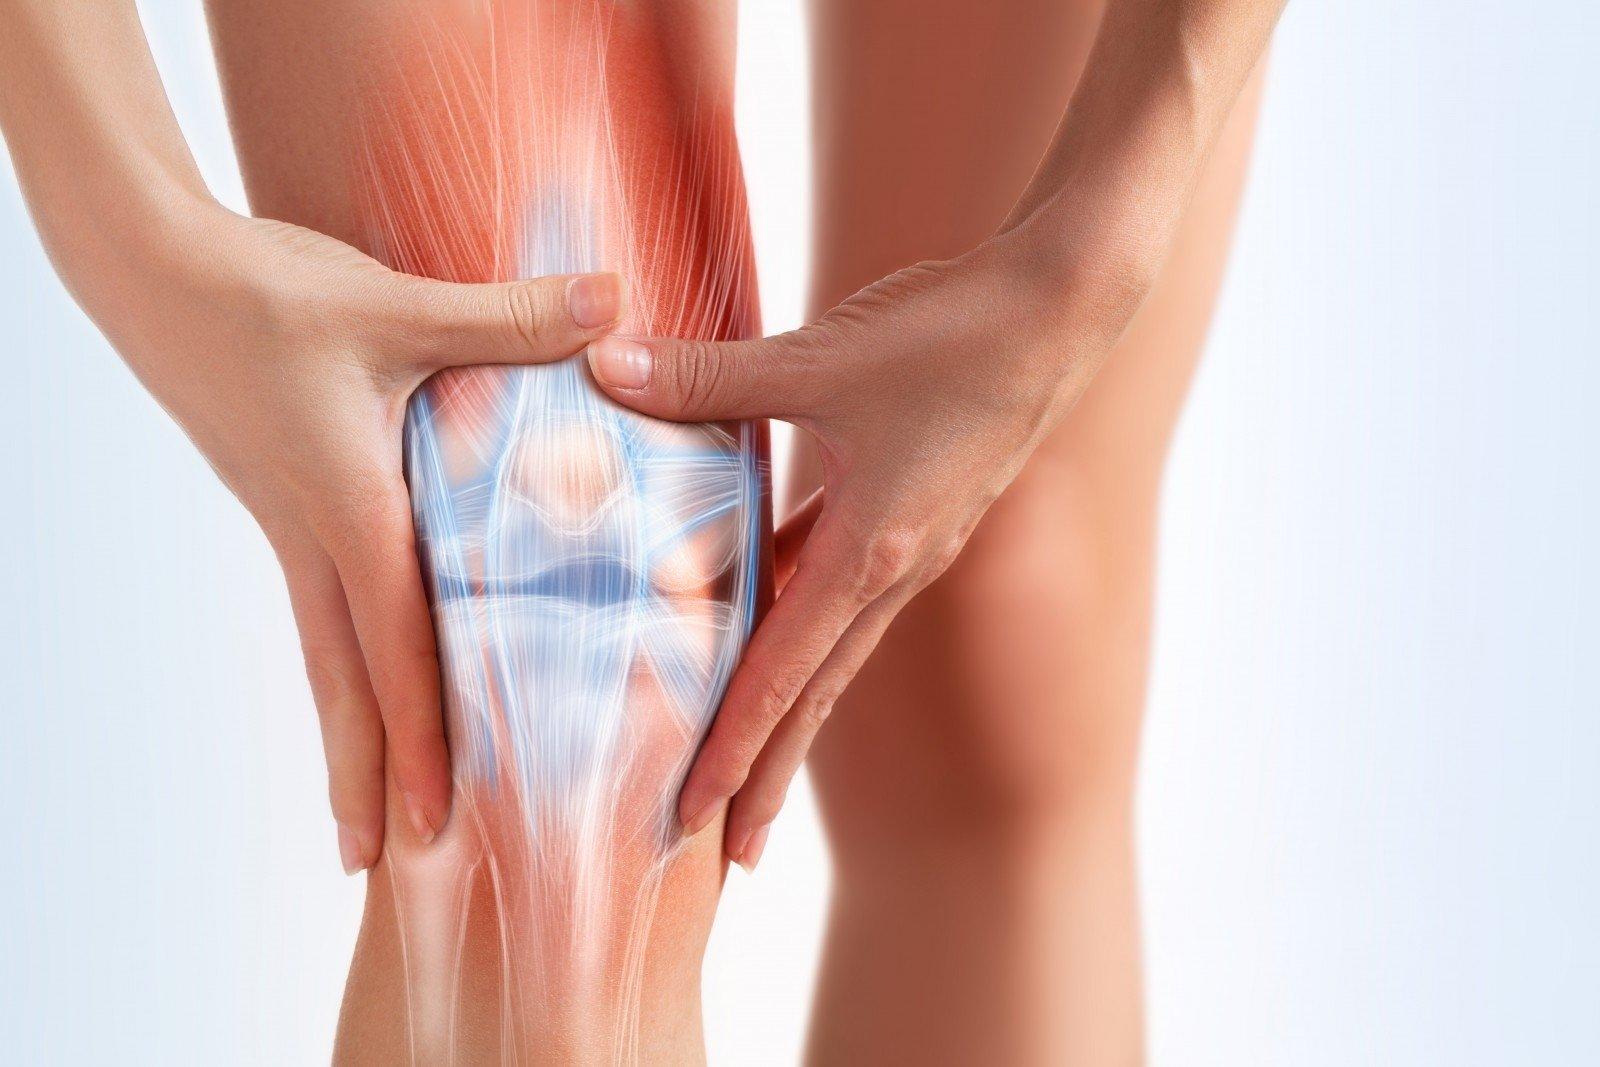 artritas vidutinio piršto sąnarys